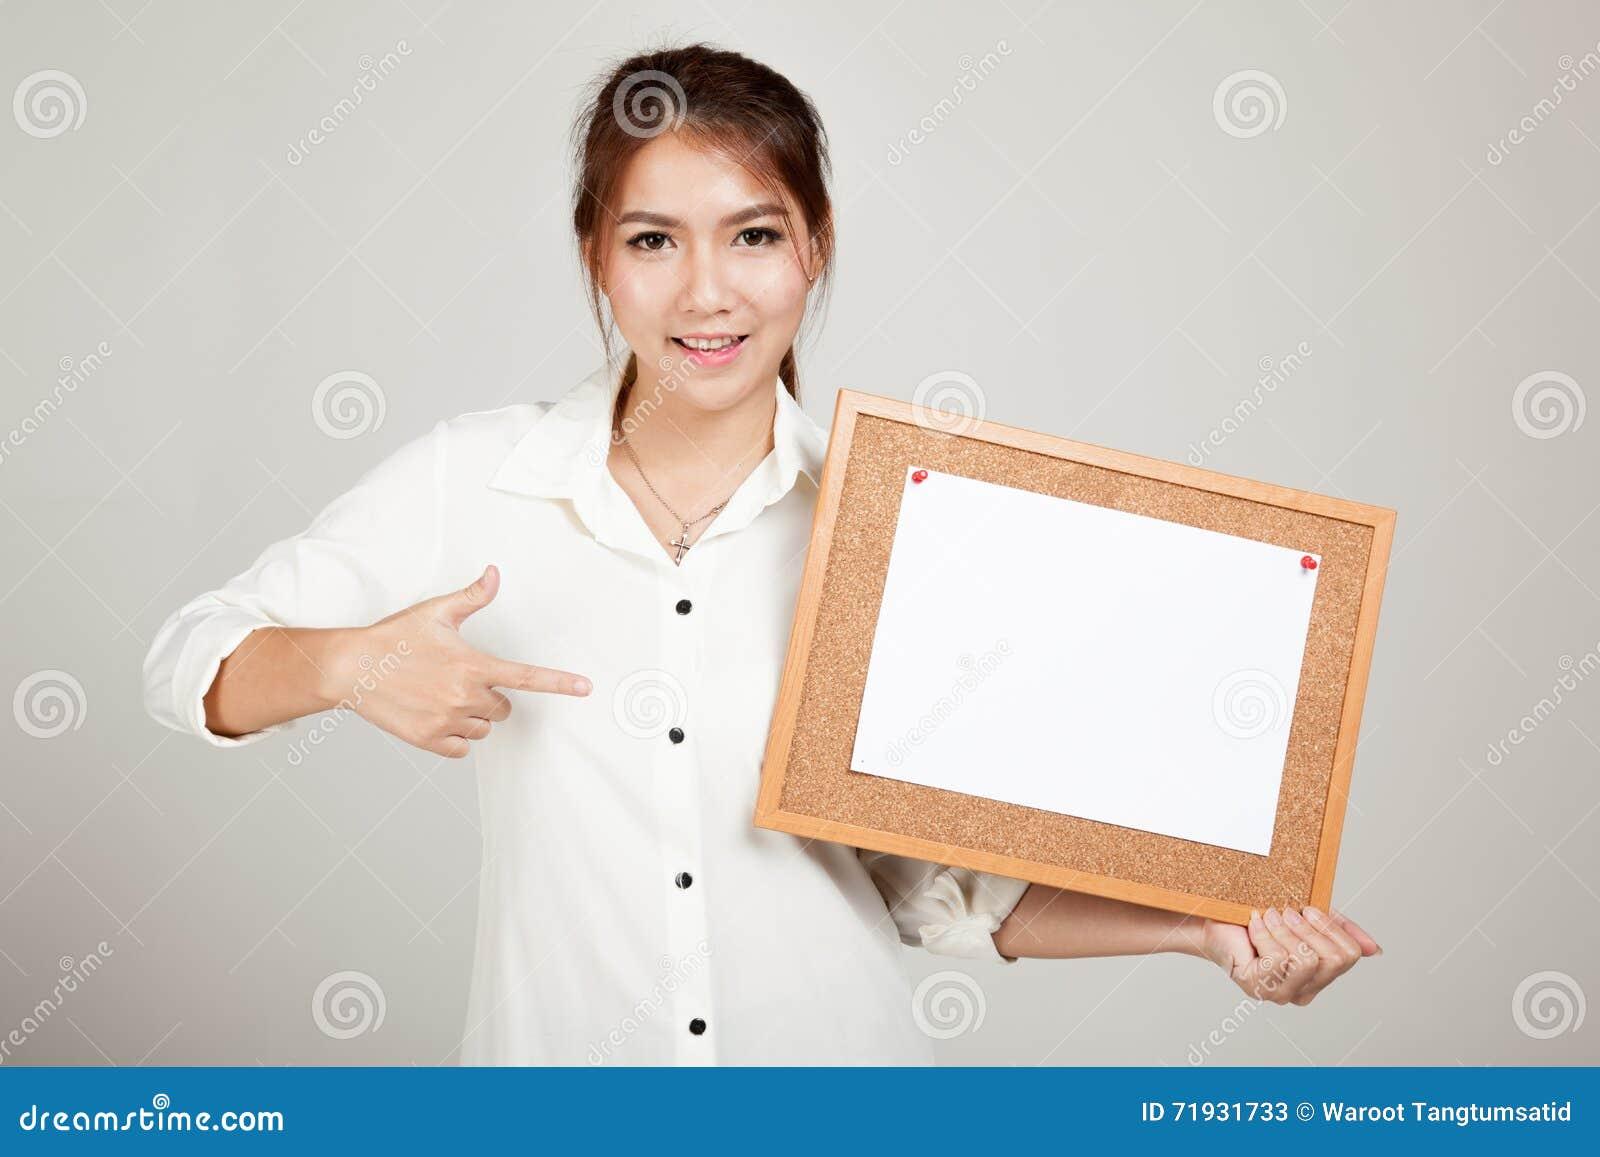 Ασιατικό κορίτσι με την κενή καρφίτσα εγγράφου στον πίνακα φελλού